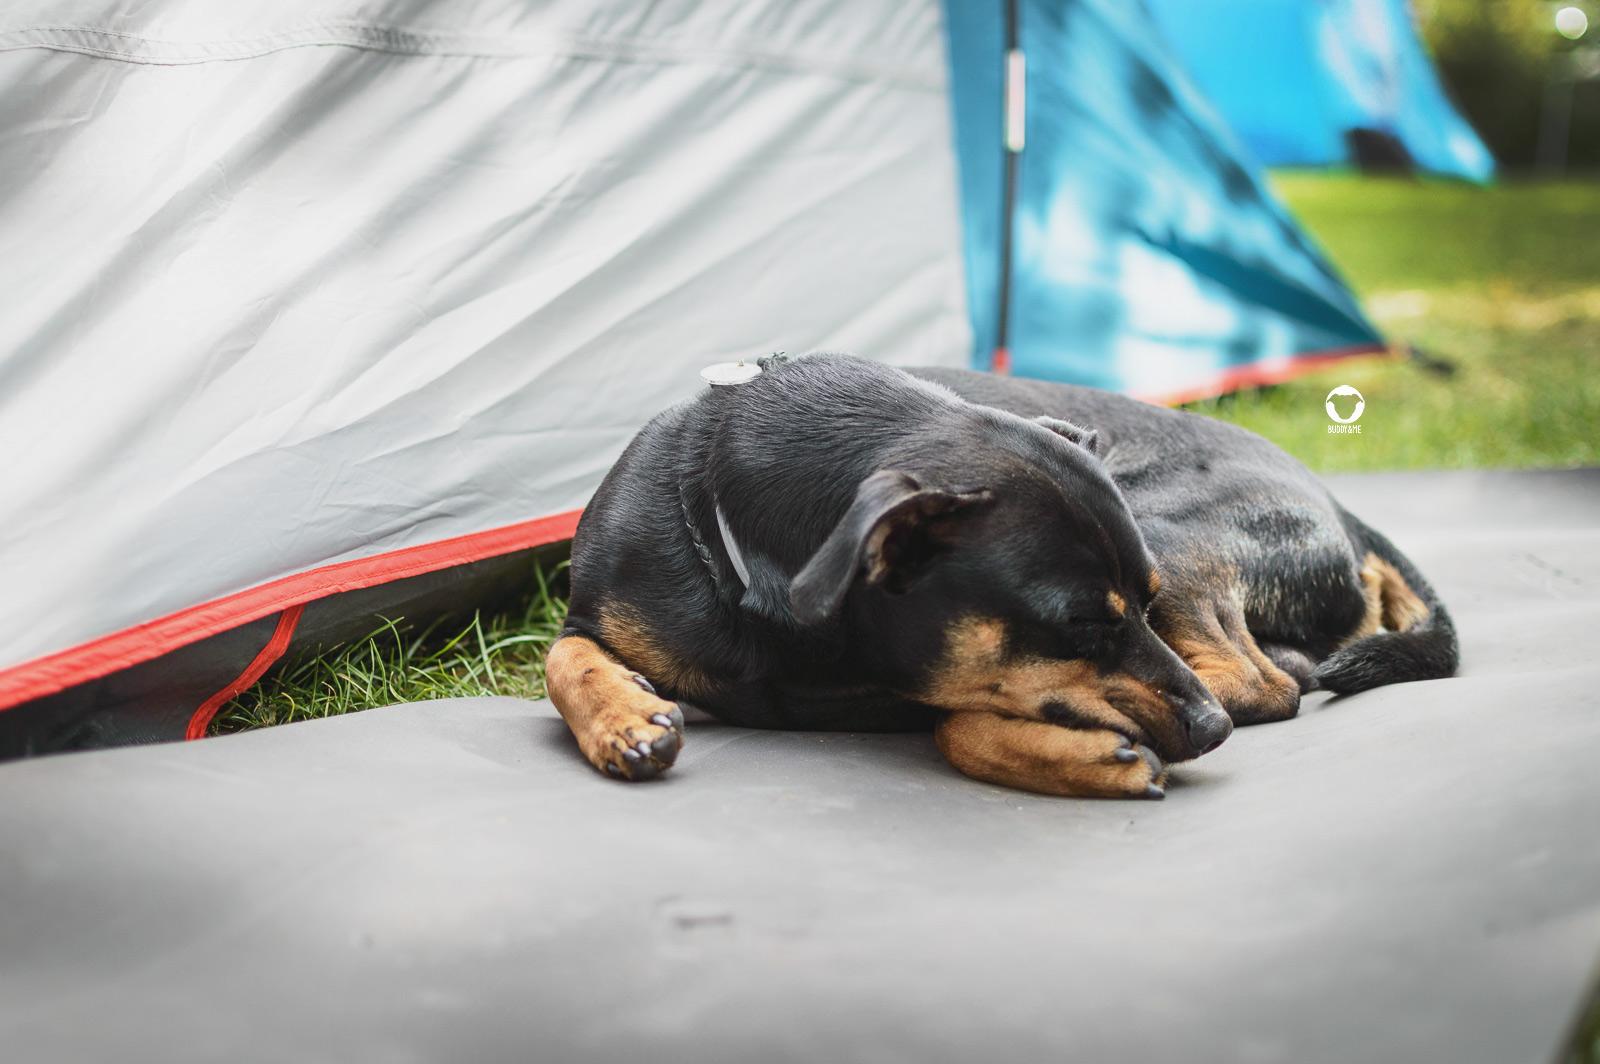 Pinscher Buddy, Buddy and Me, Hundeblog, Dogblog, Urlaub mit Hund, Hundeurlaub, Camping mit Hund, Nordsee, deutsche Küste, Norddeich, Norden, Ostfriesland, Nordsee-Camp Norddeich, Hundefotografie, Nikon D3200